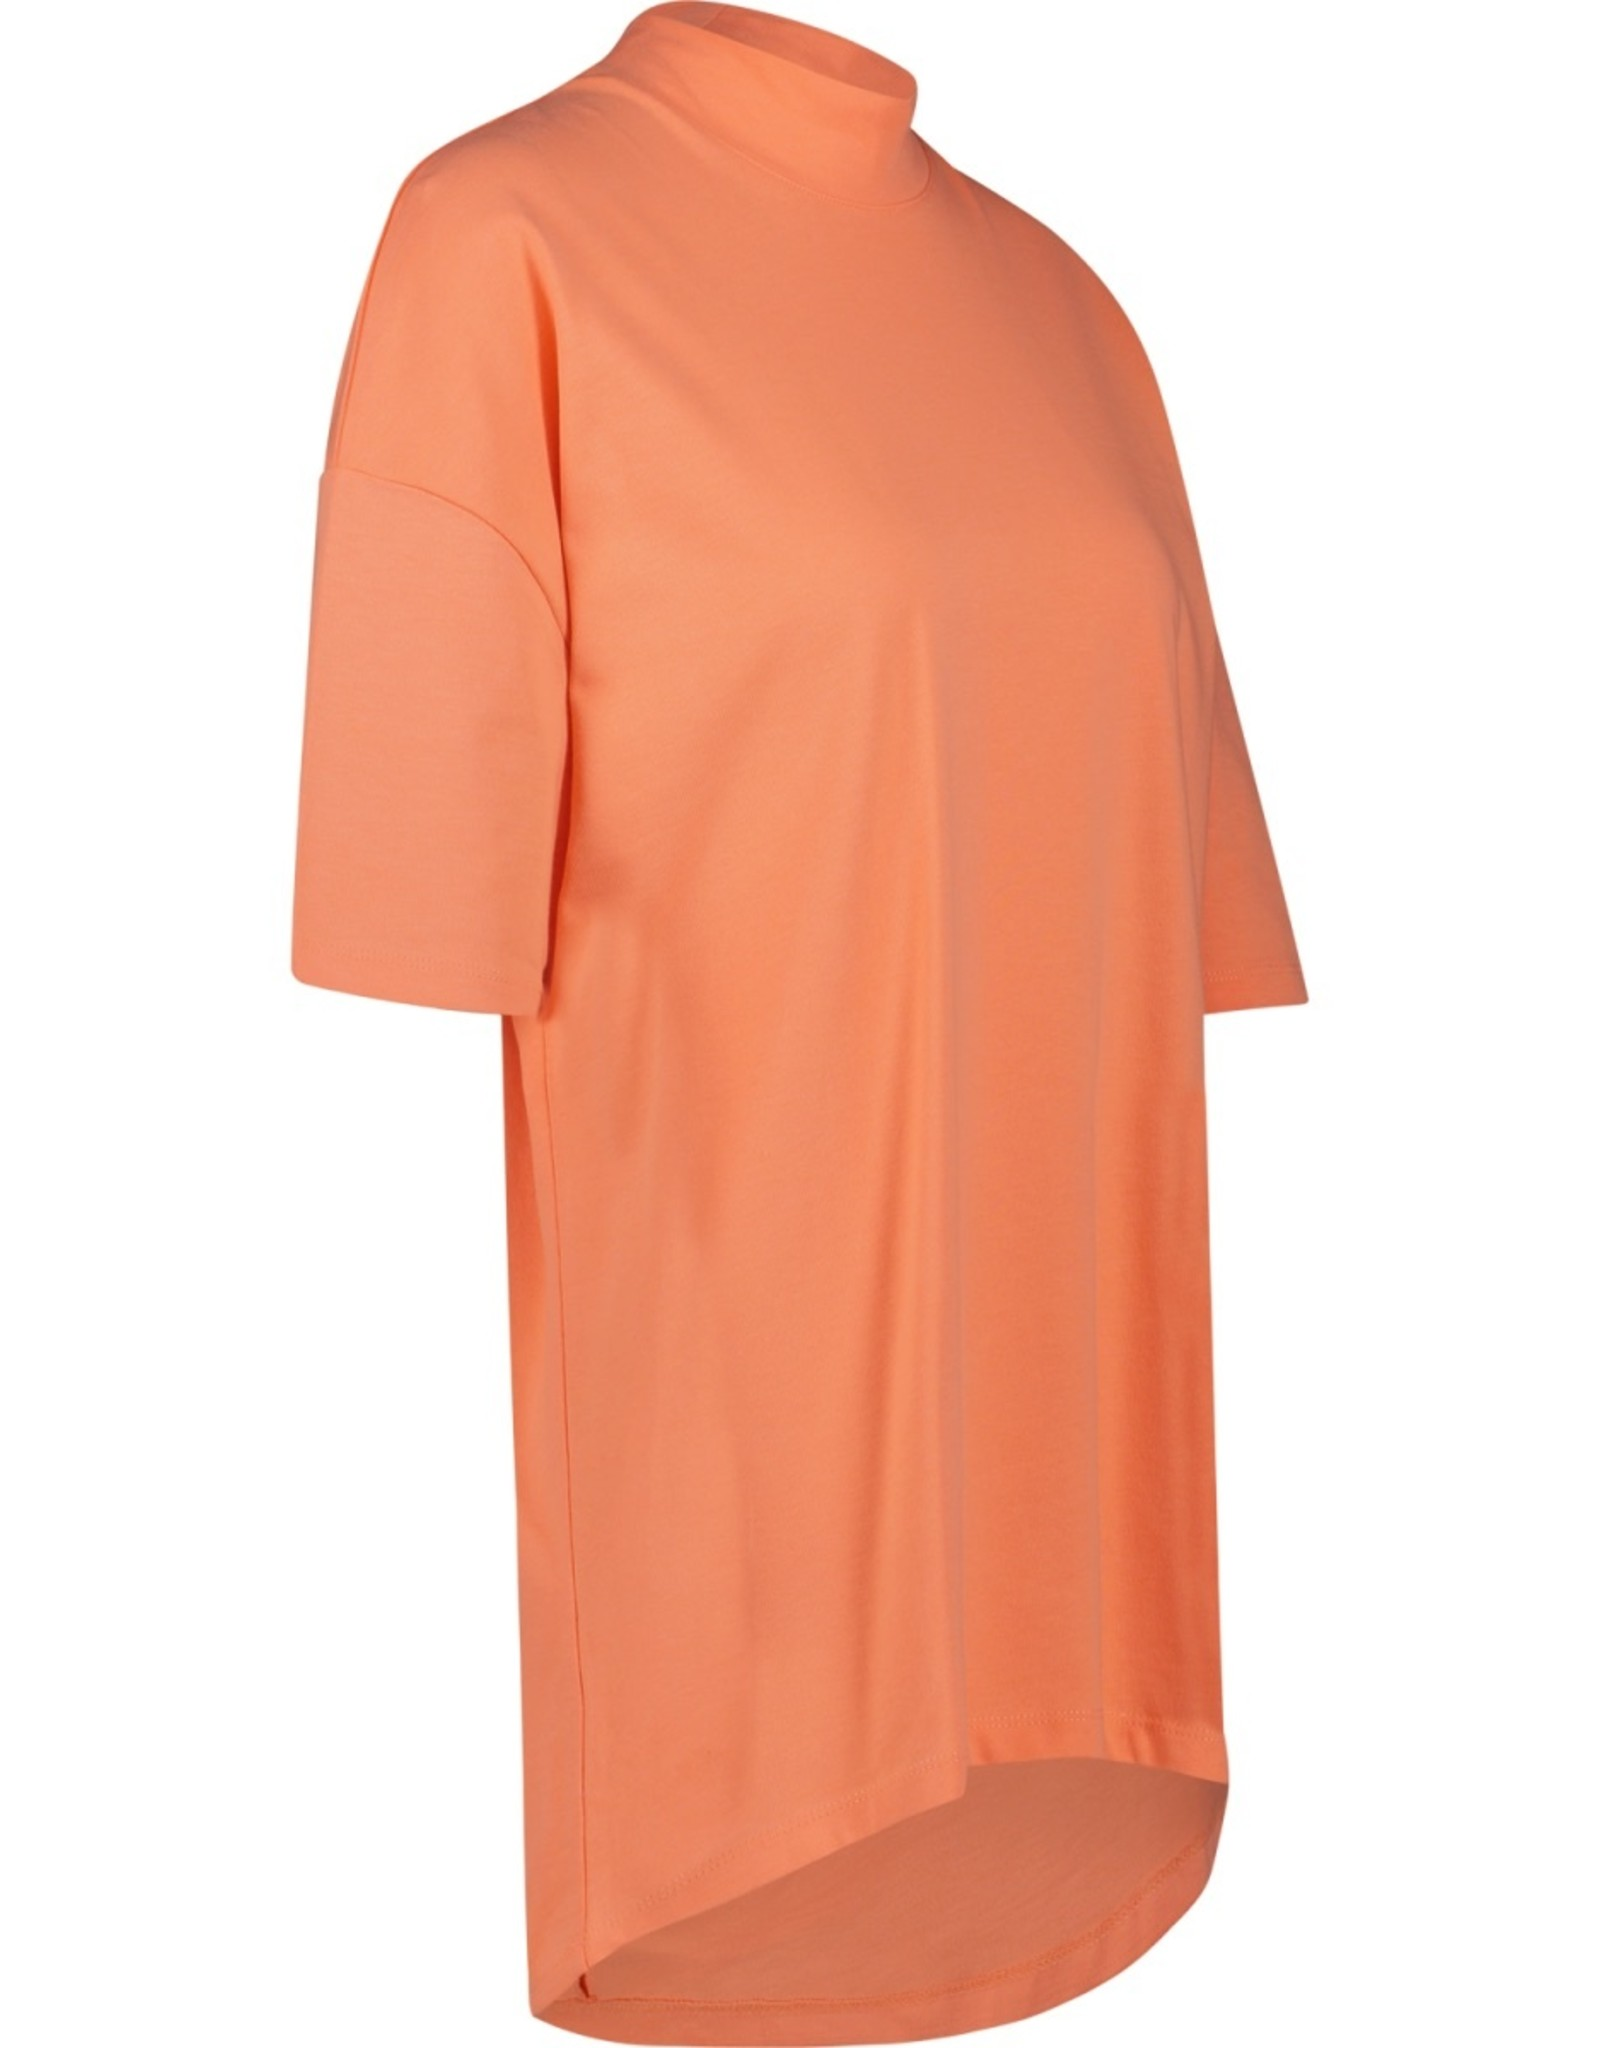 Raizzed Raizzed Hamira Oversized T-shirt